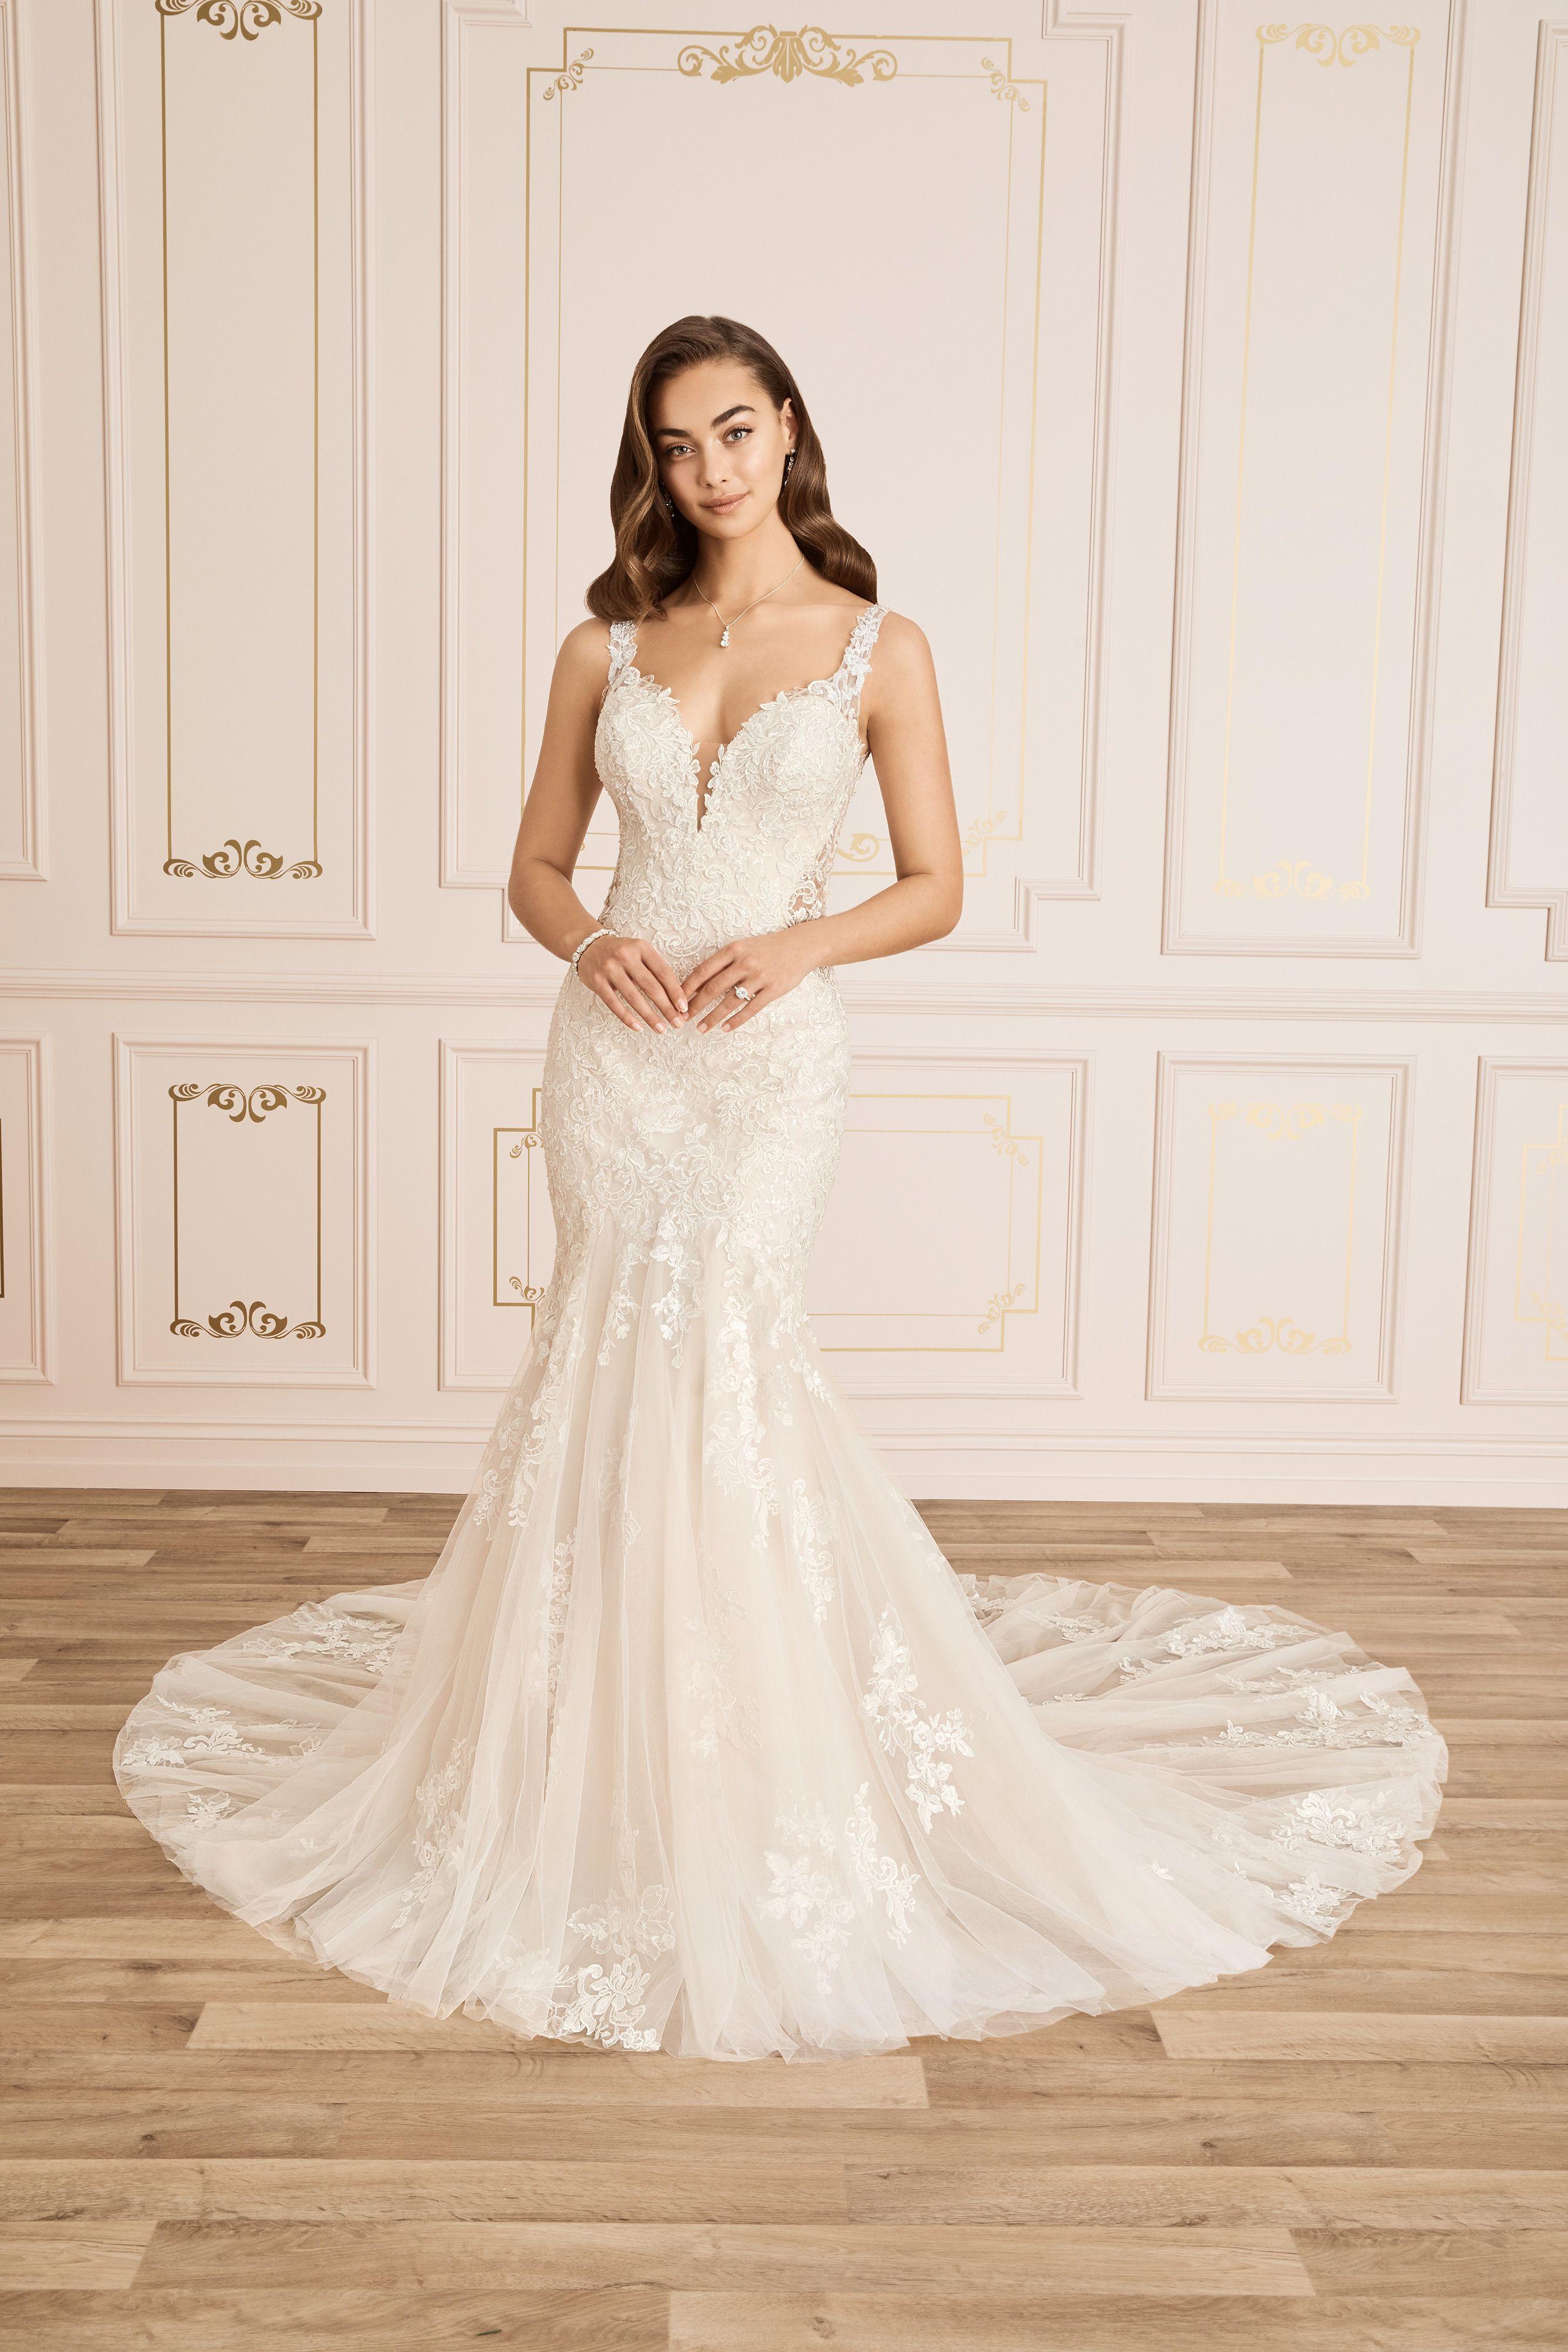 Sophia Tolli Bridal Y12025 Bride N Groom Floral Lace Wedding Dress Wedding Dresses Unique Sophia Tolli Wedding Dresses [ 4000 x 2667 Pixel ]